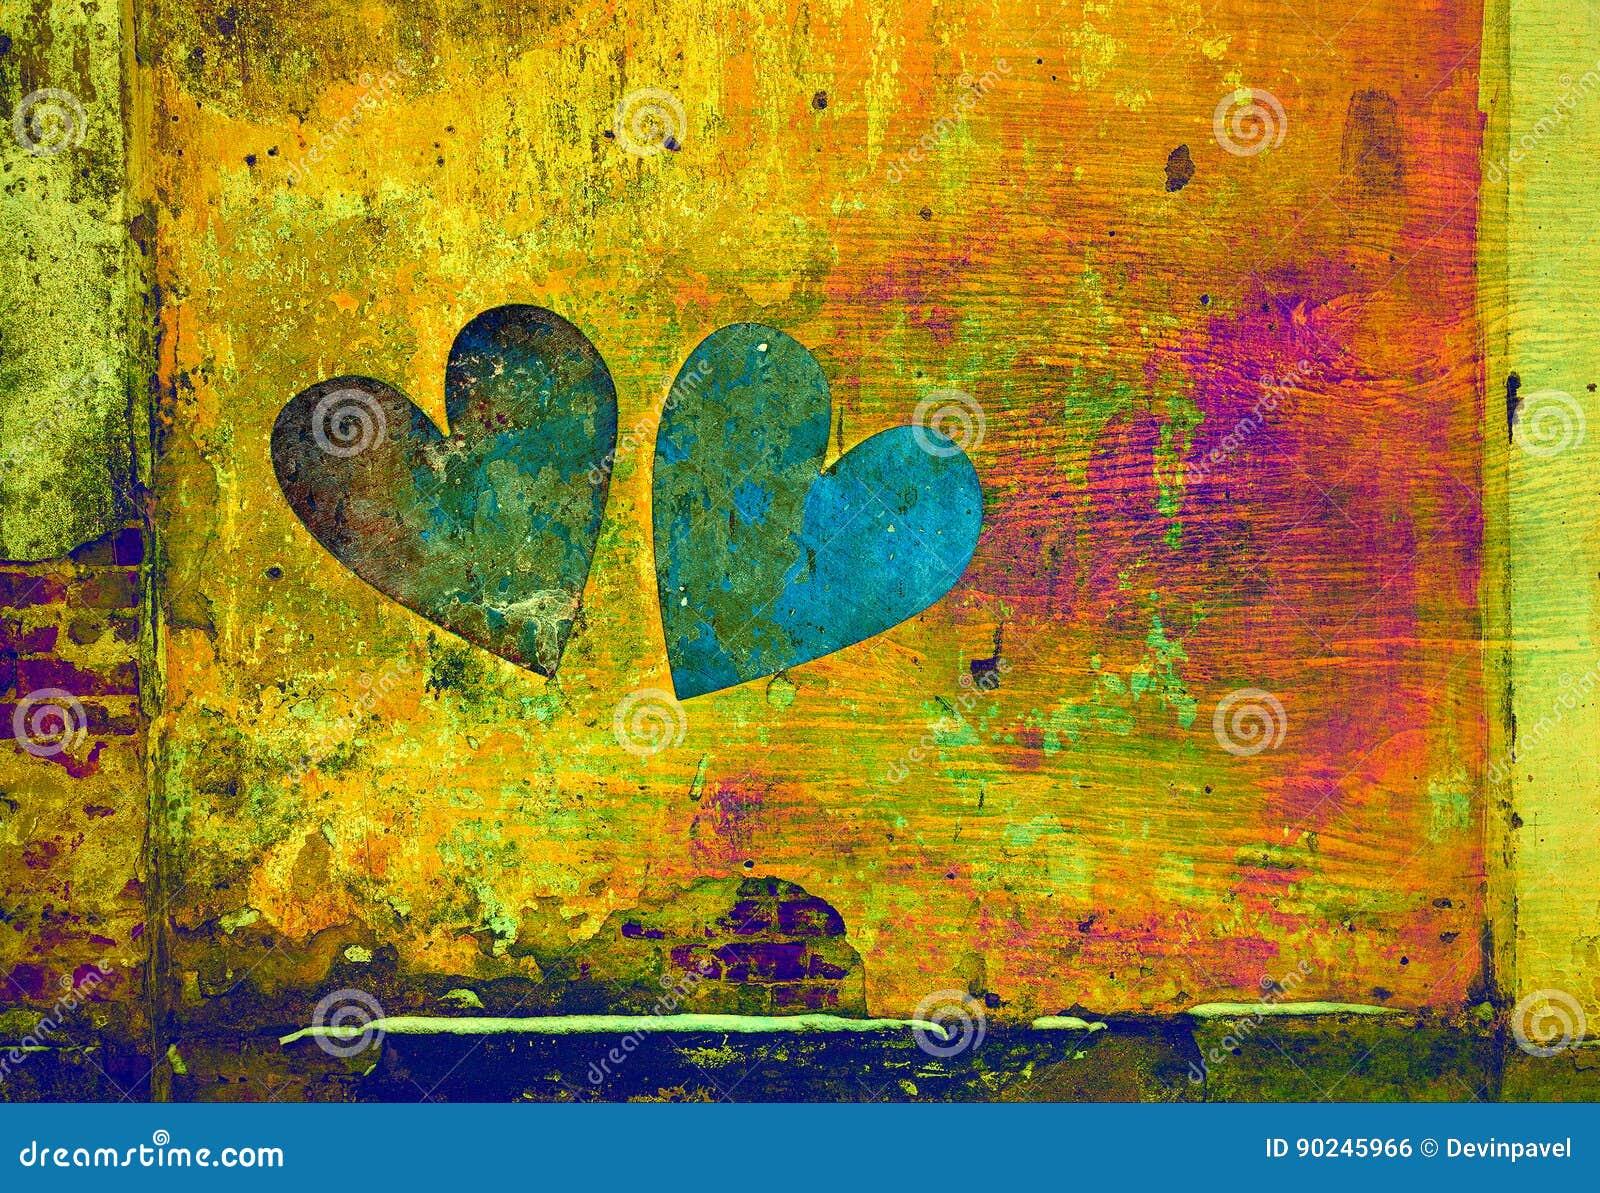 Amour et romance deux coeurs dans le style grunge sur le fond abstrait